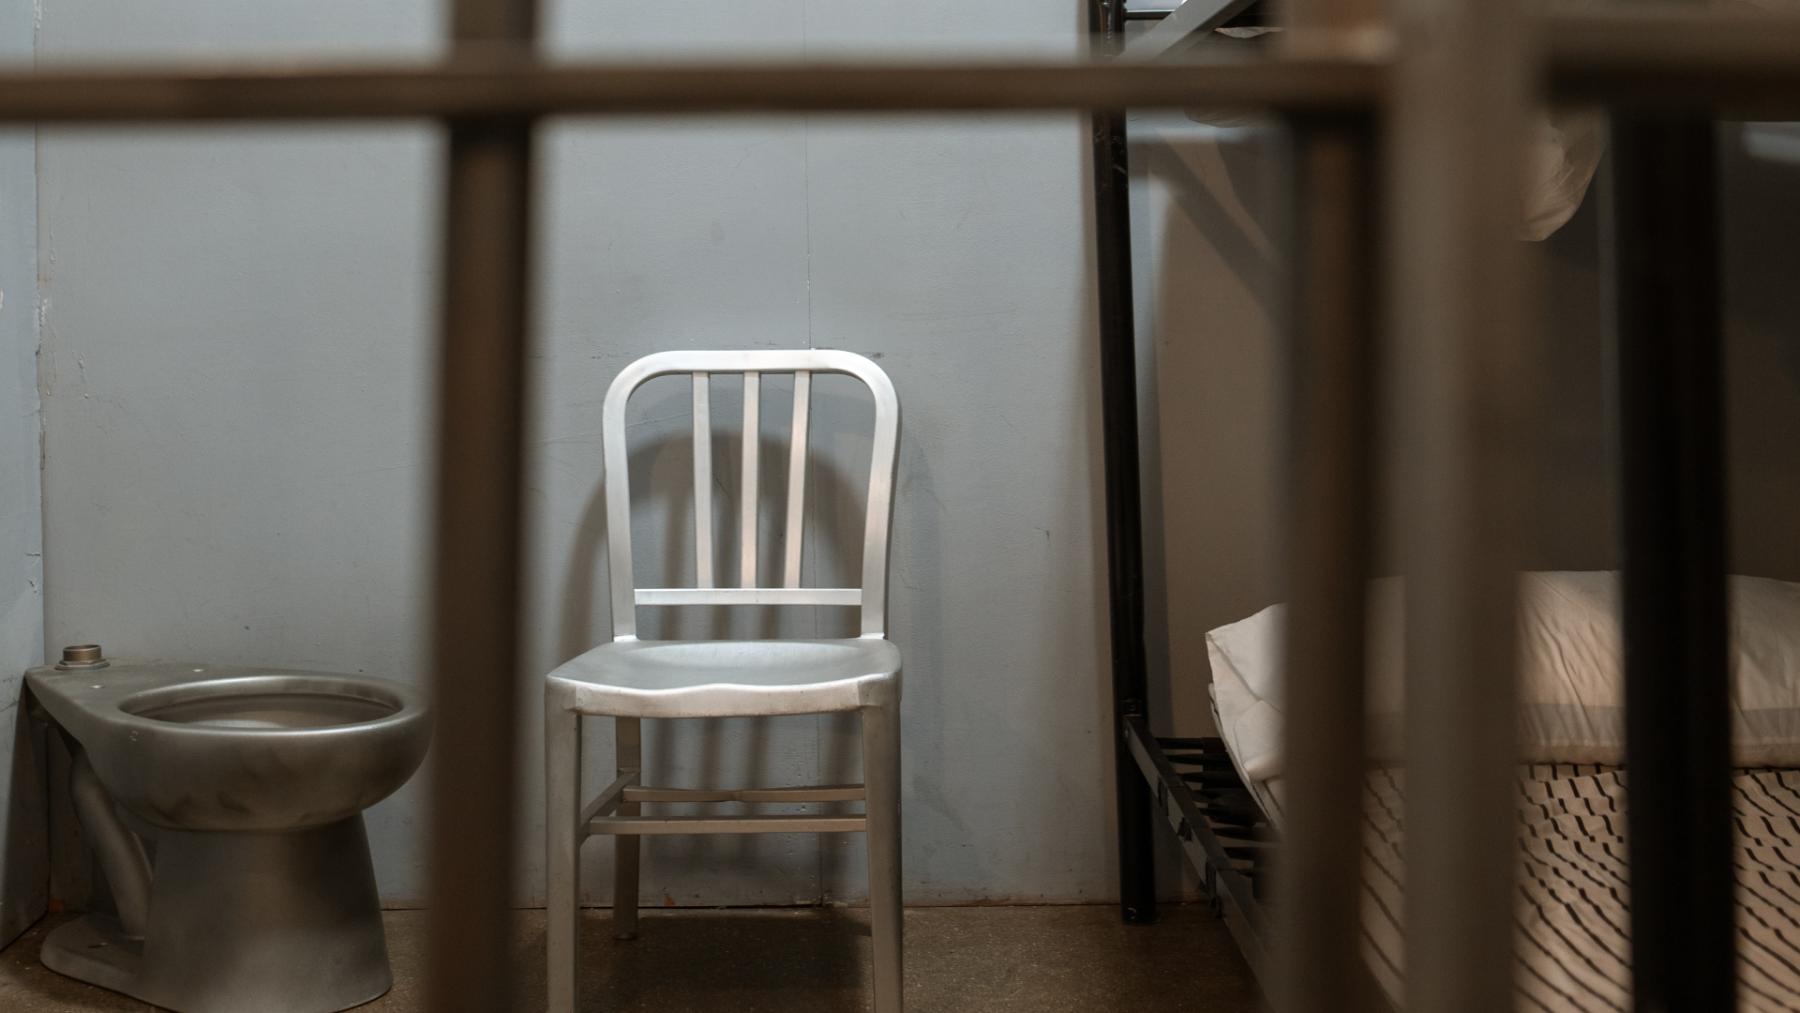 Vrouw wordt opgepakt nadat ze op eigen opsporingsbericht reageert